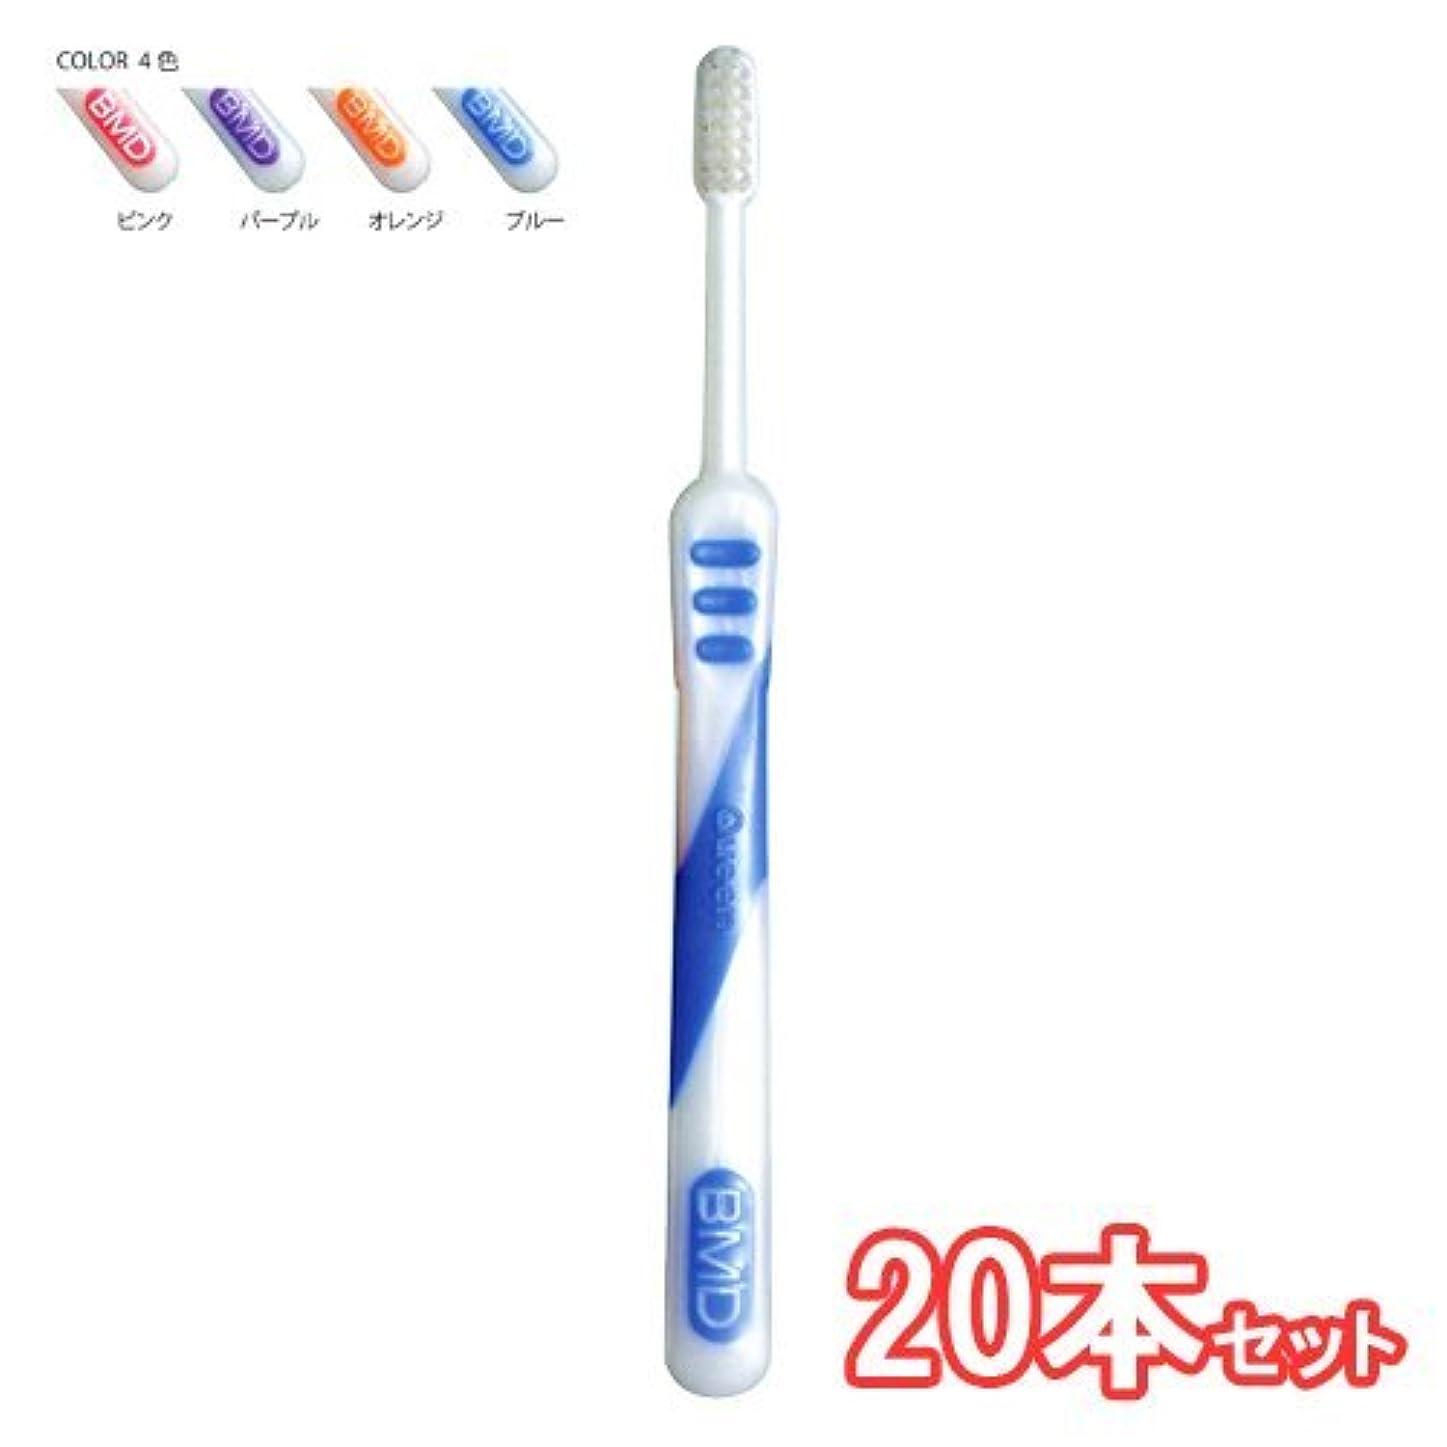 キャベツ肘専門ビーブランド ビークイーン 歯ブラシ 20本入 105